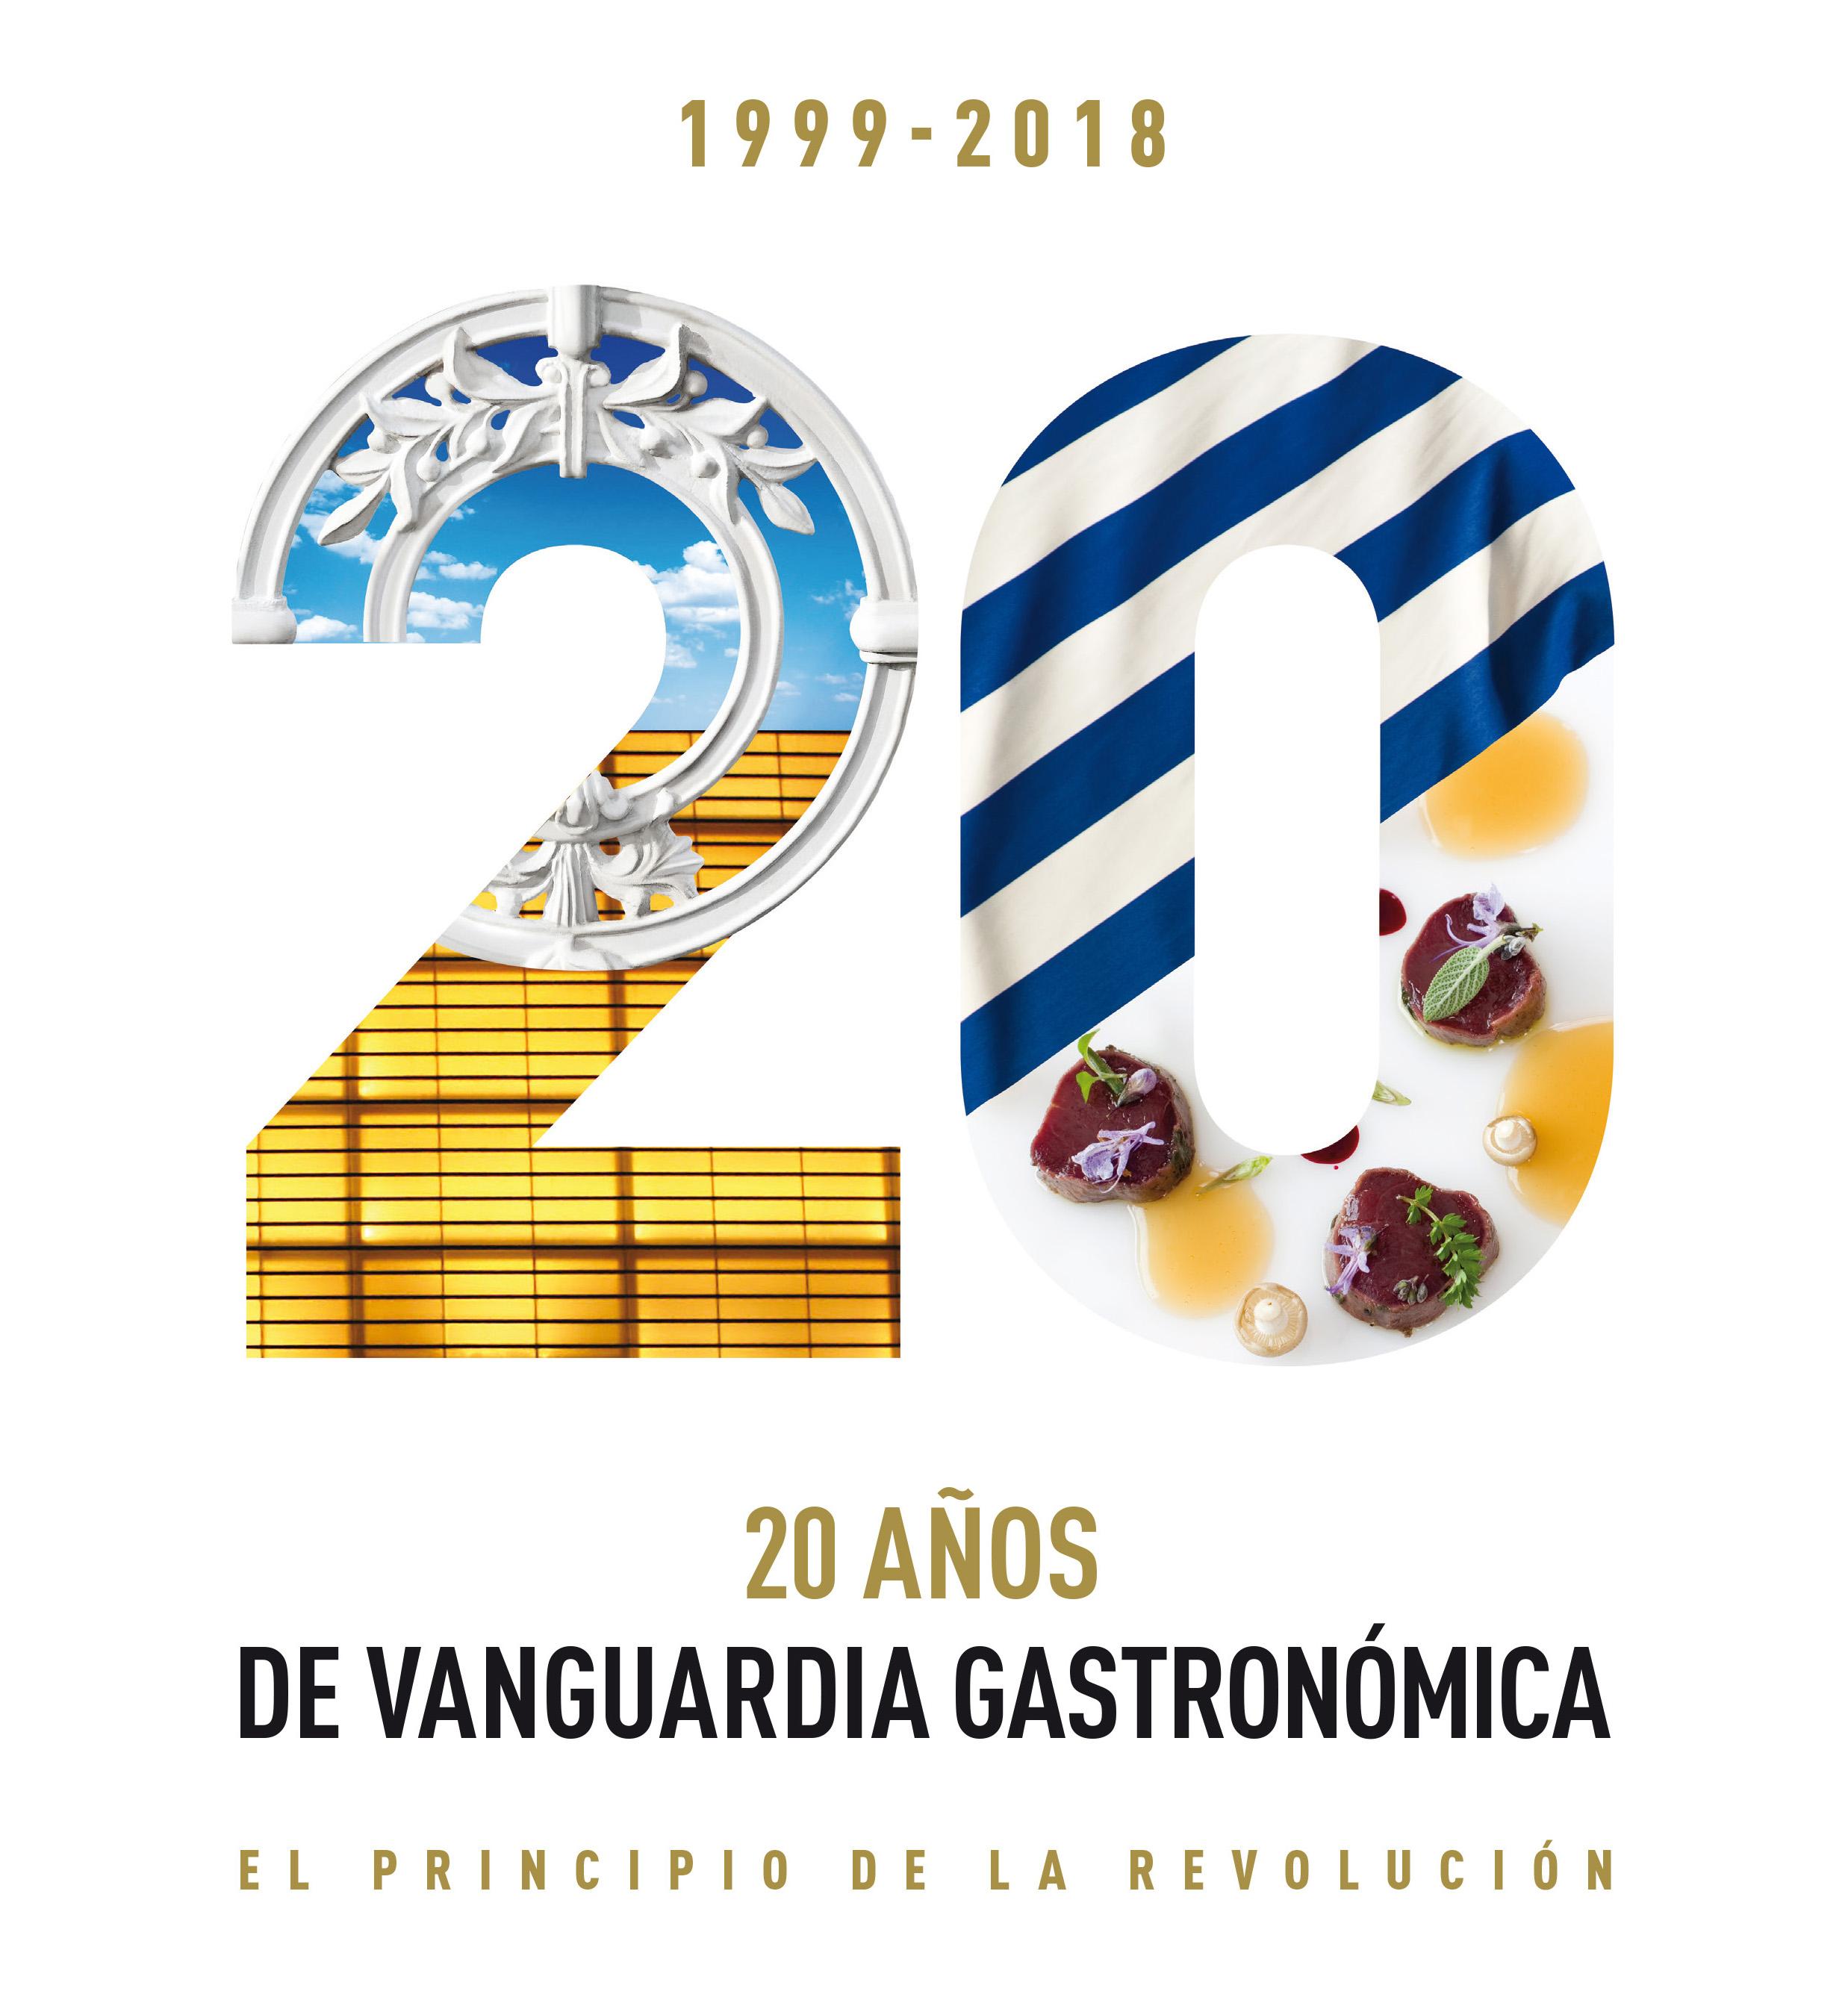 20 años de vanguardia gastronómica. El principio de la revolución.